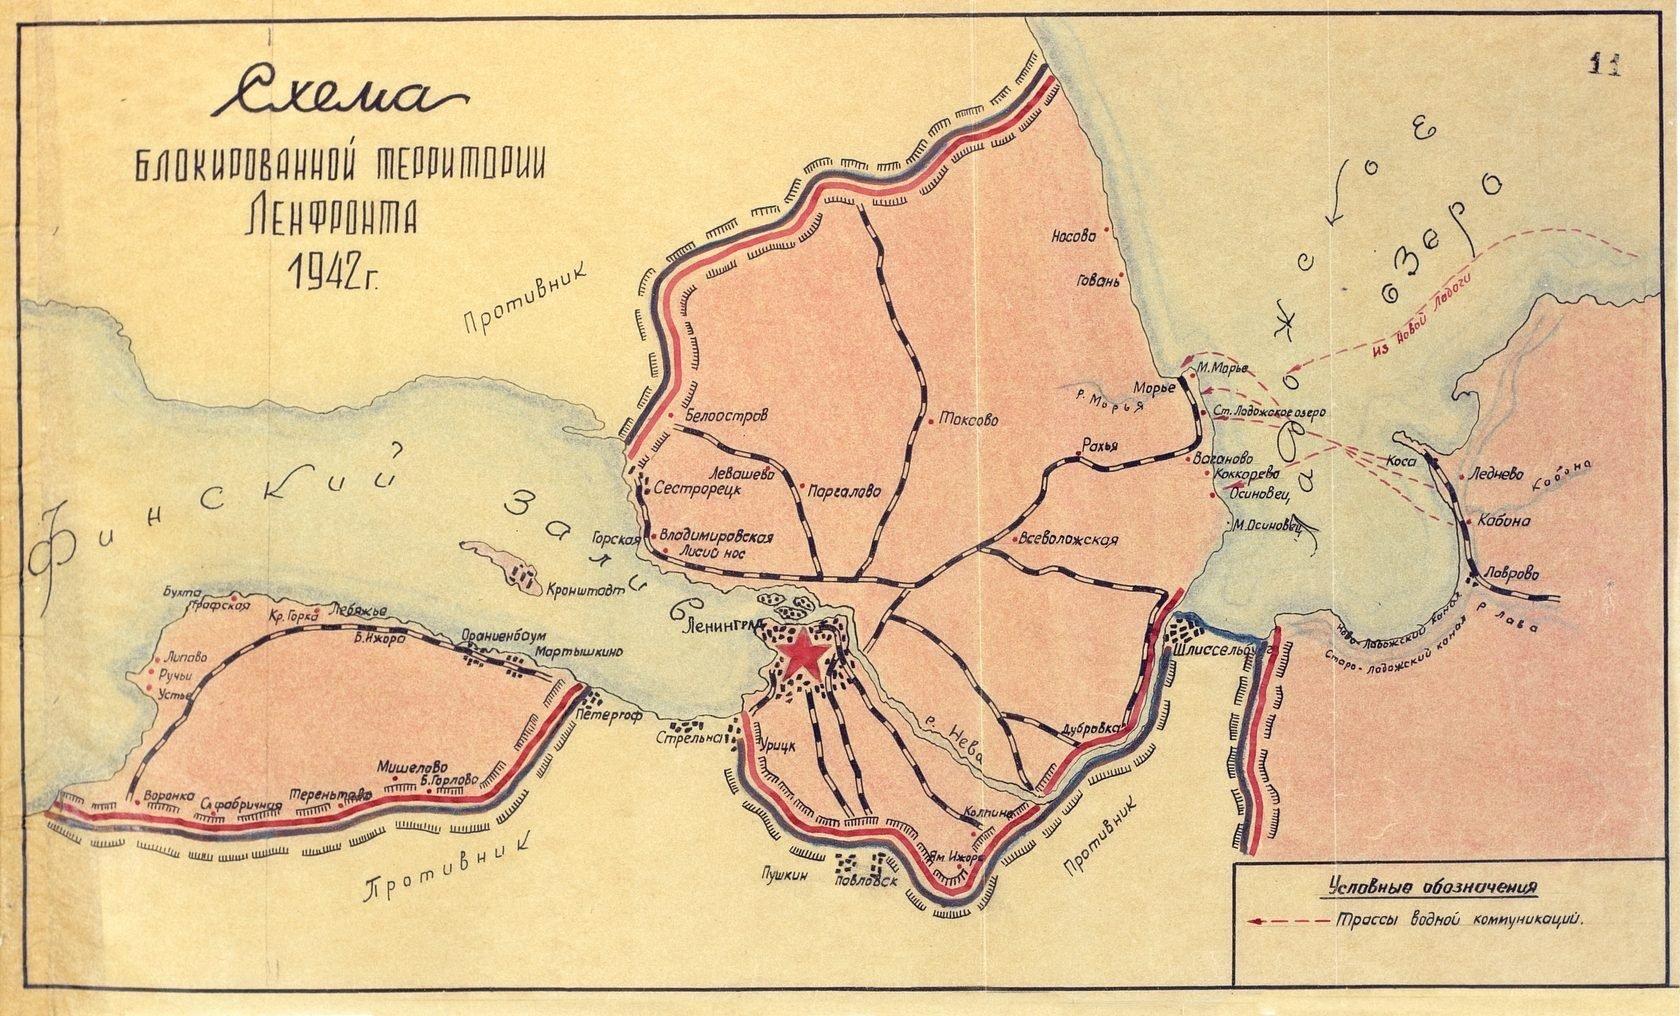 Uno de los documentos desclasificados, un mapa del territorio asediado de Leningrado